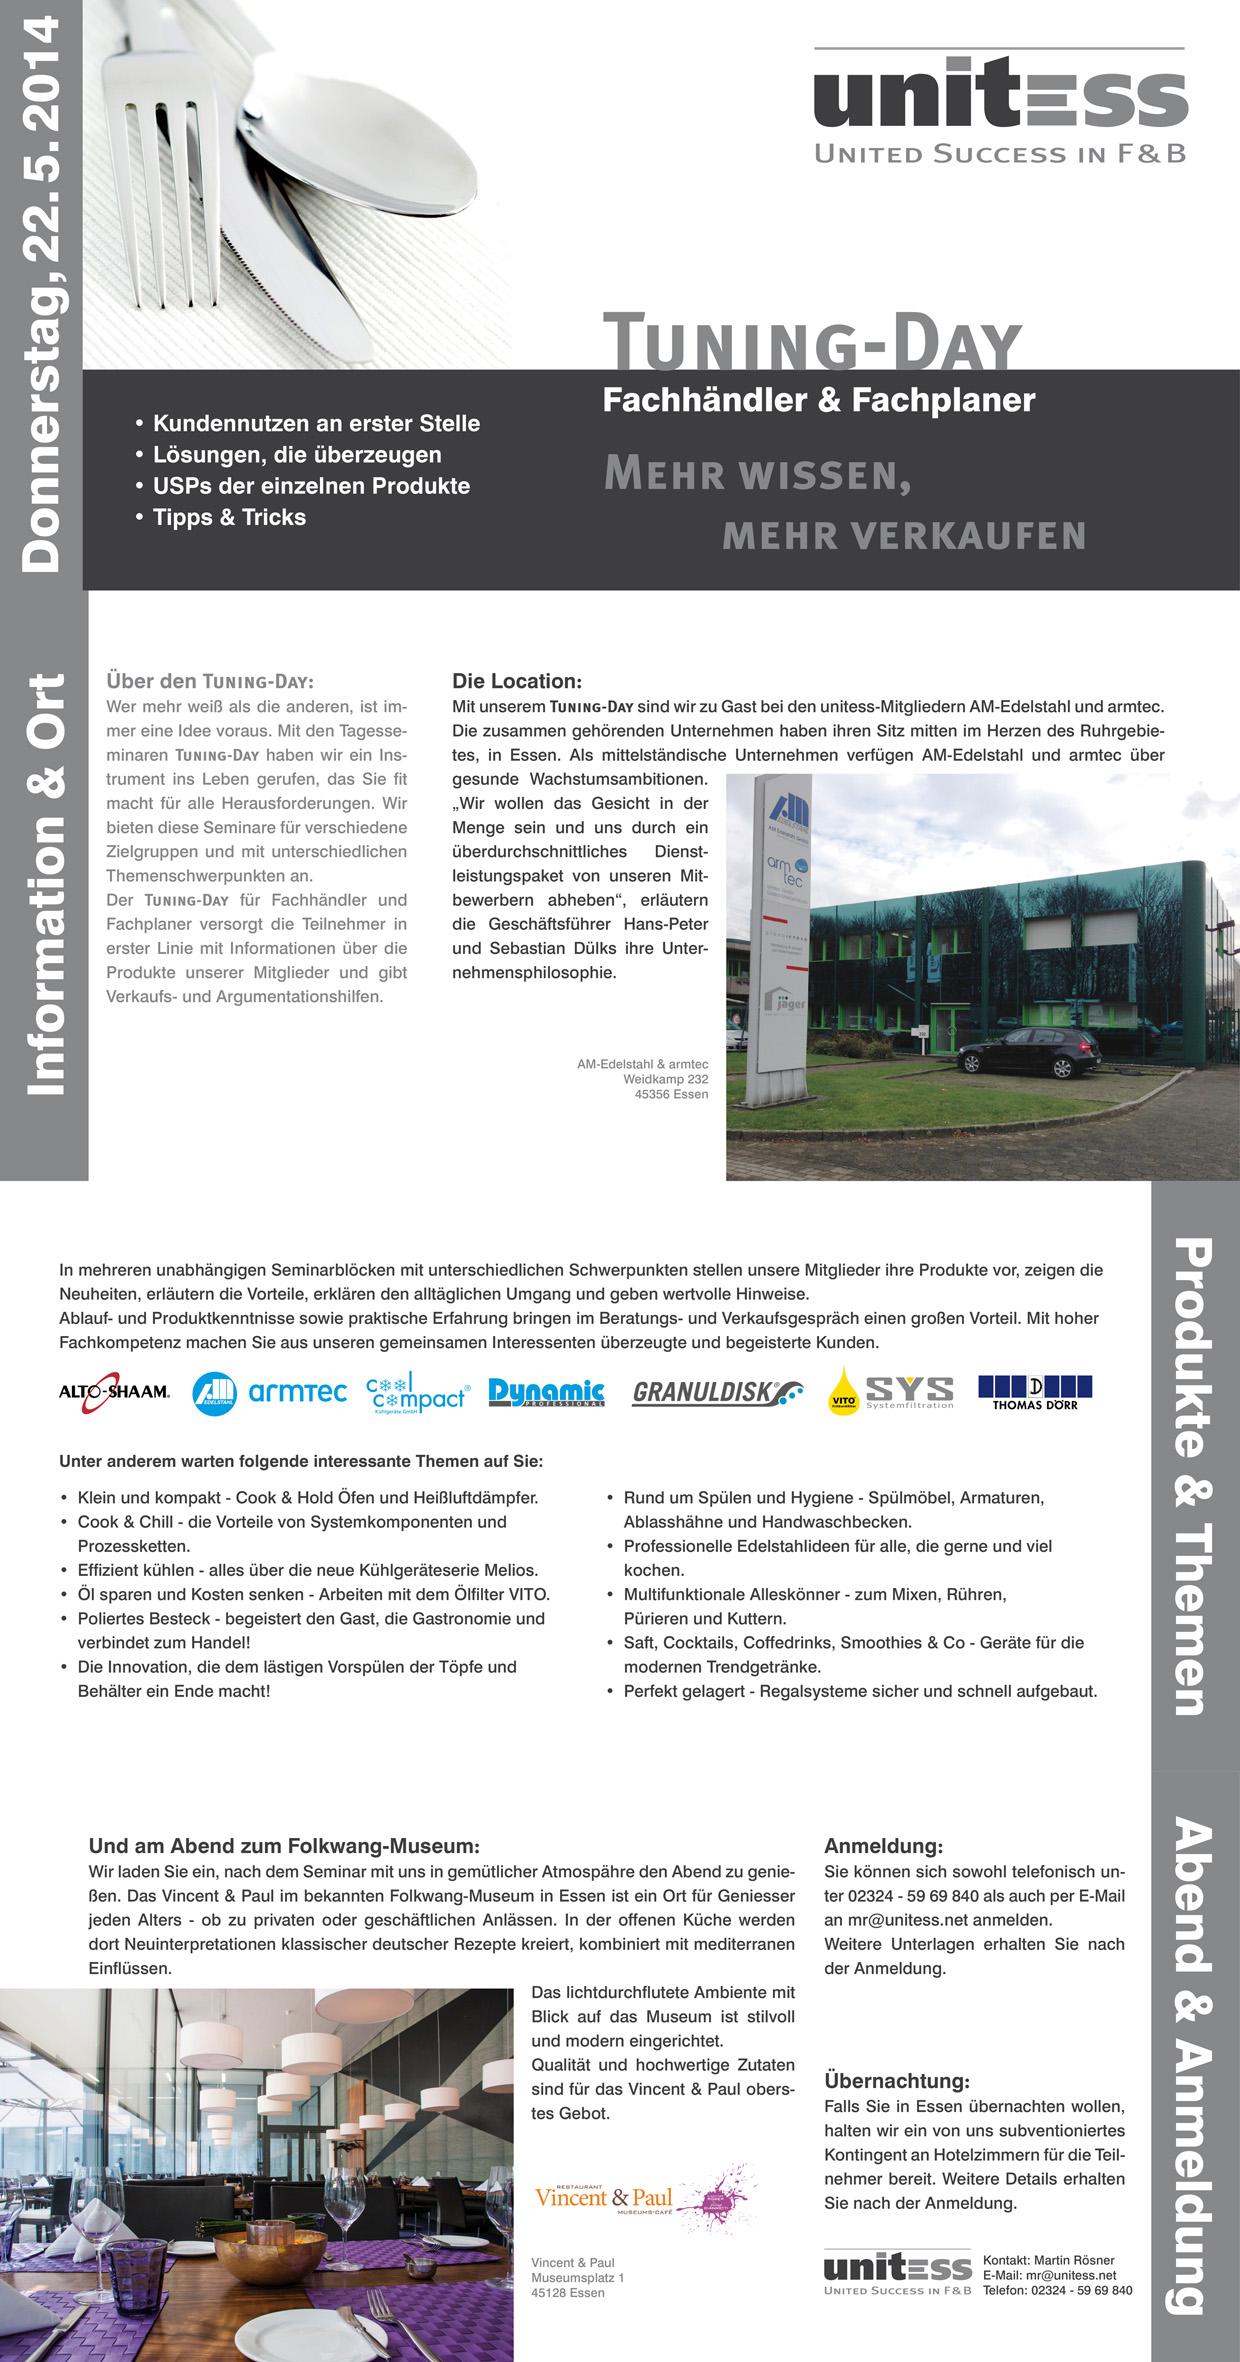 Unitess Seminar 22052014 in Tuning-Day für Fachhändler und Fachplaner in Essen